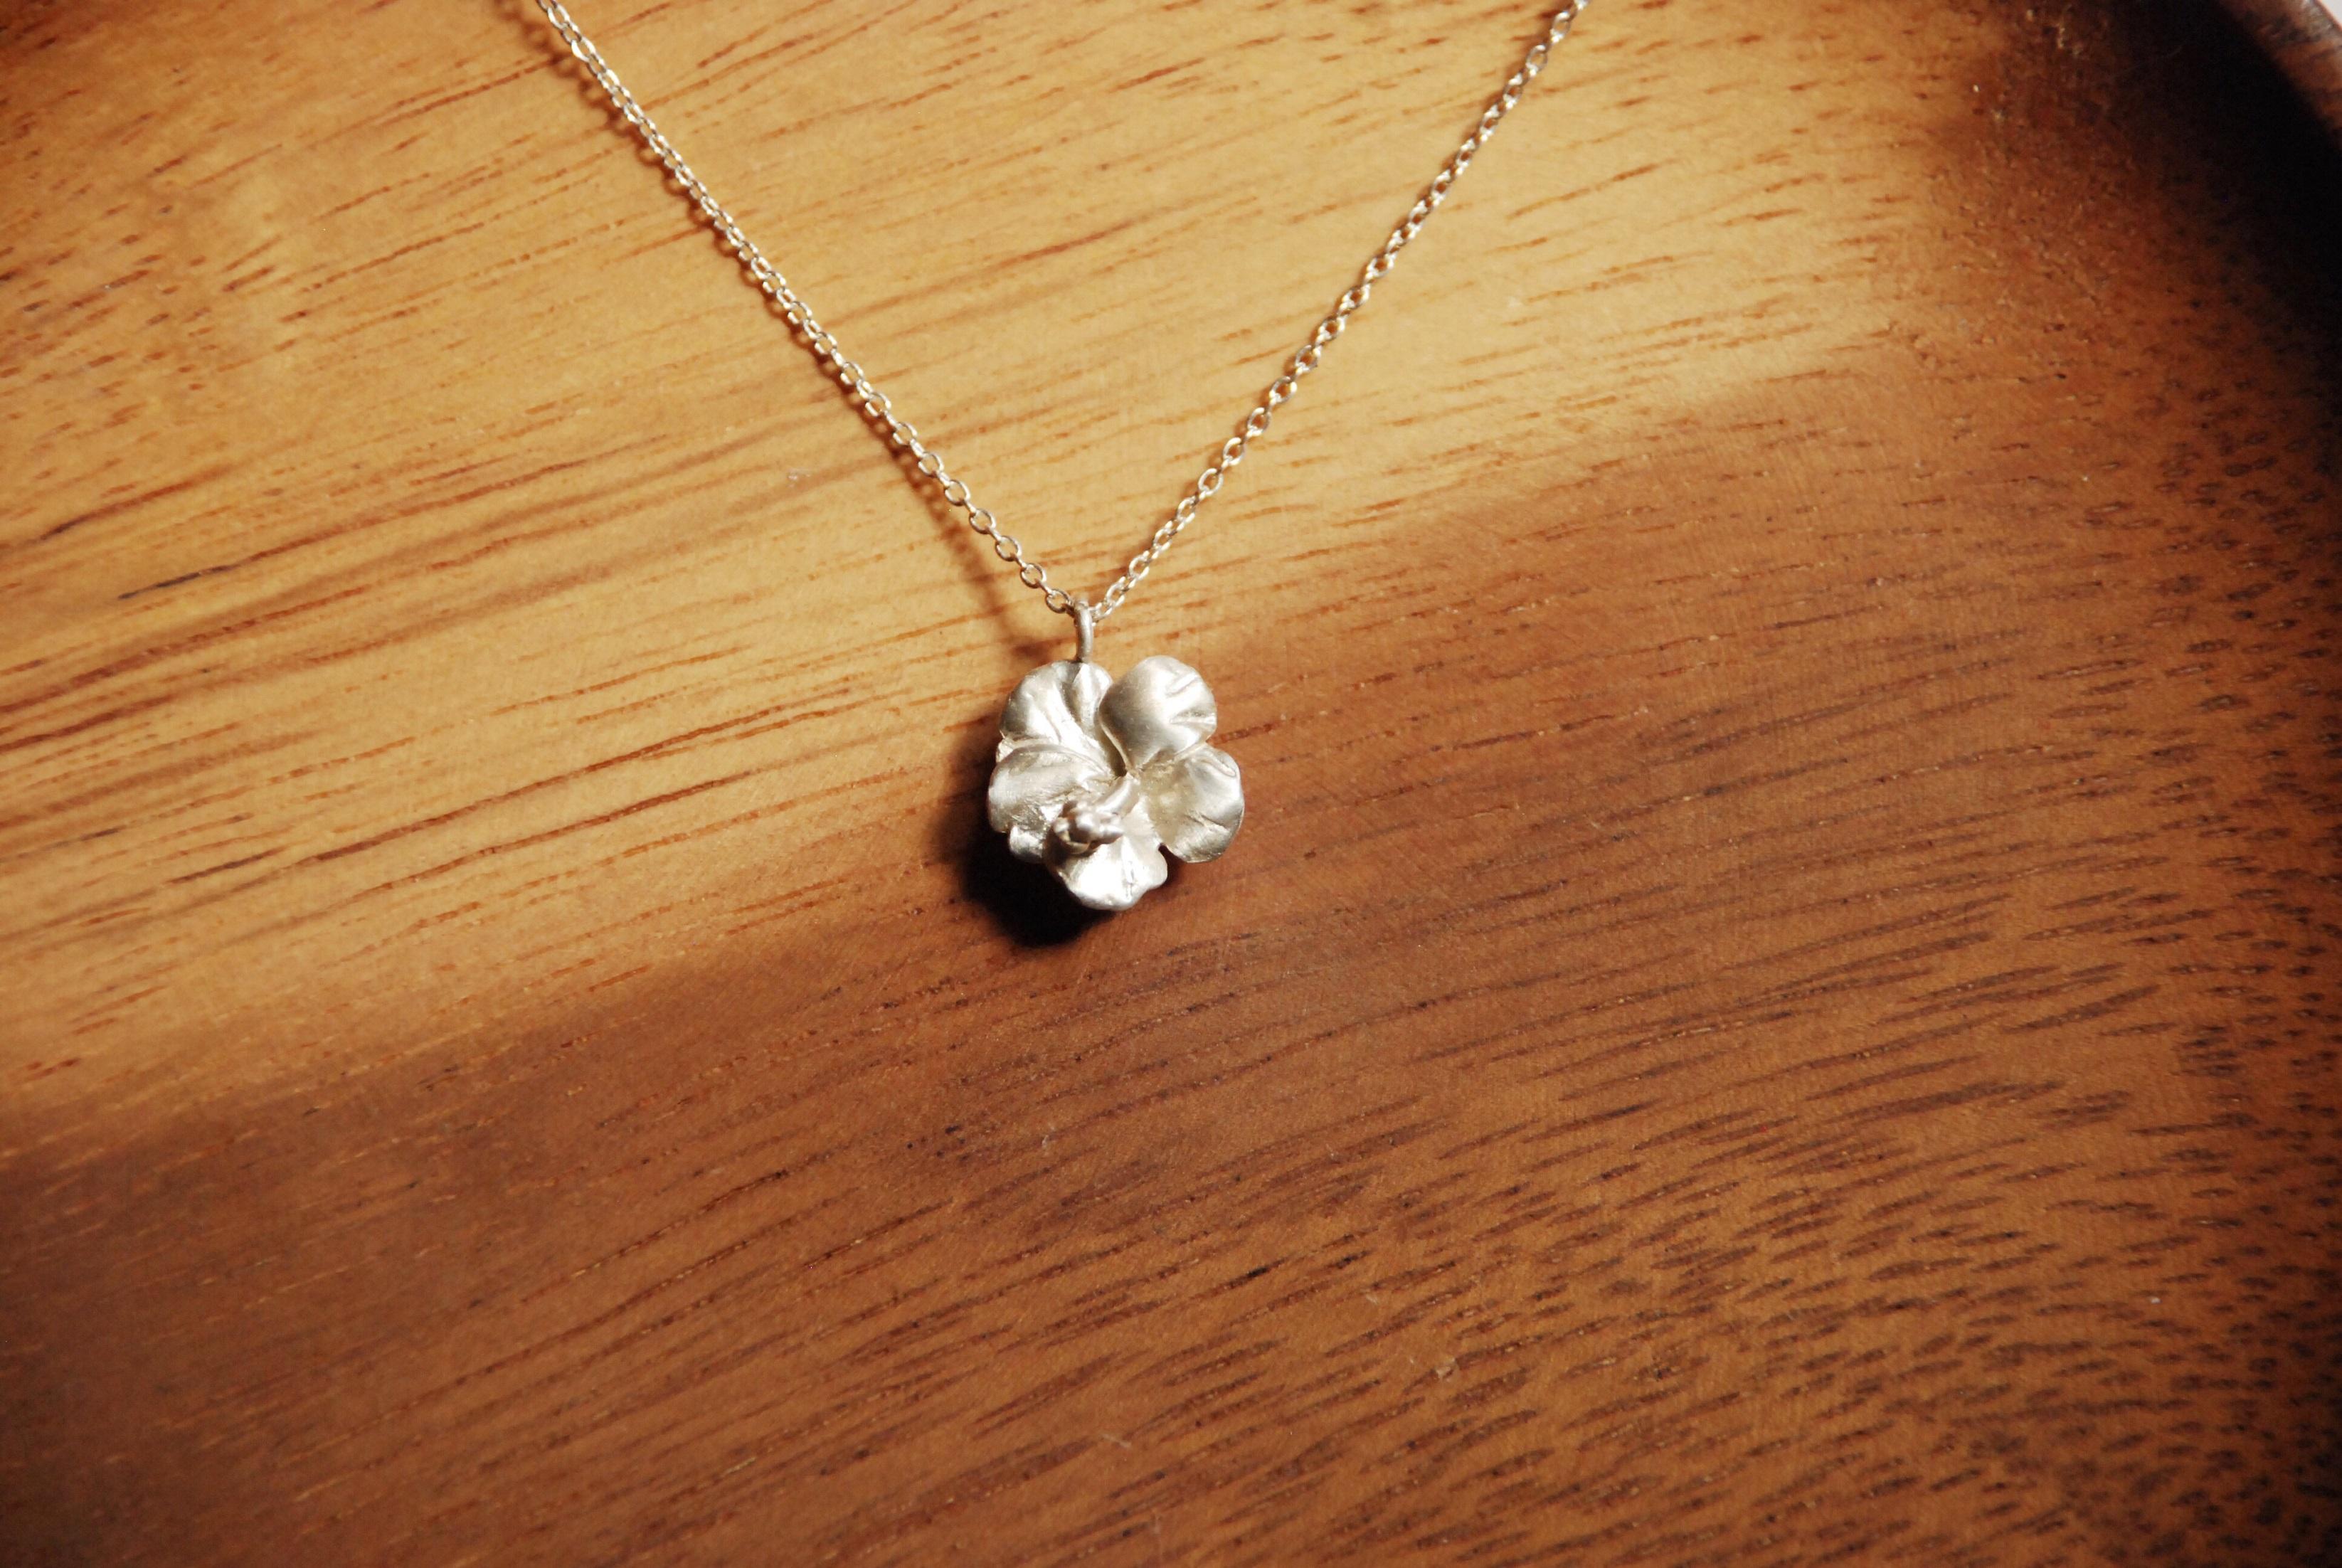 純銀項鍊 - 小扶桑花款